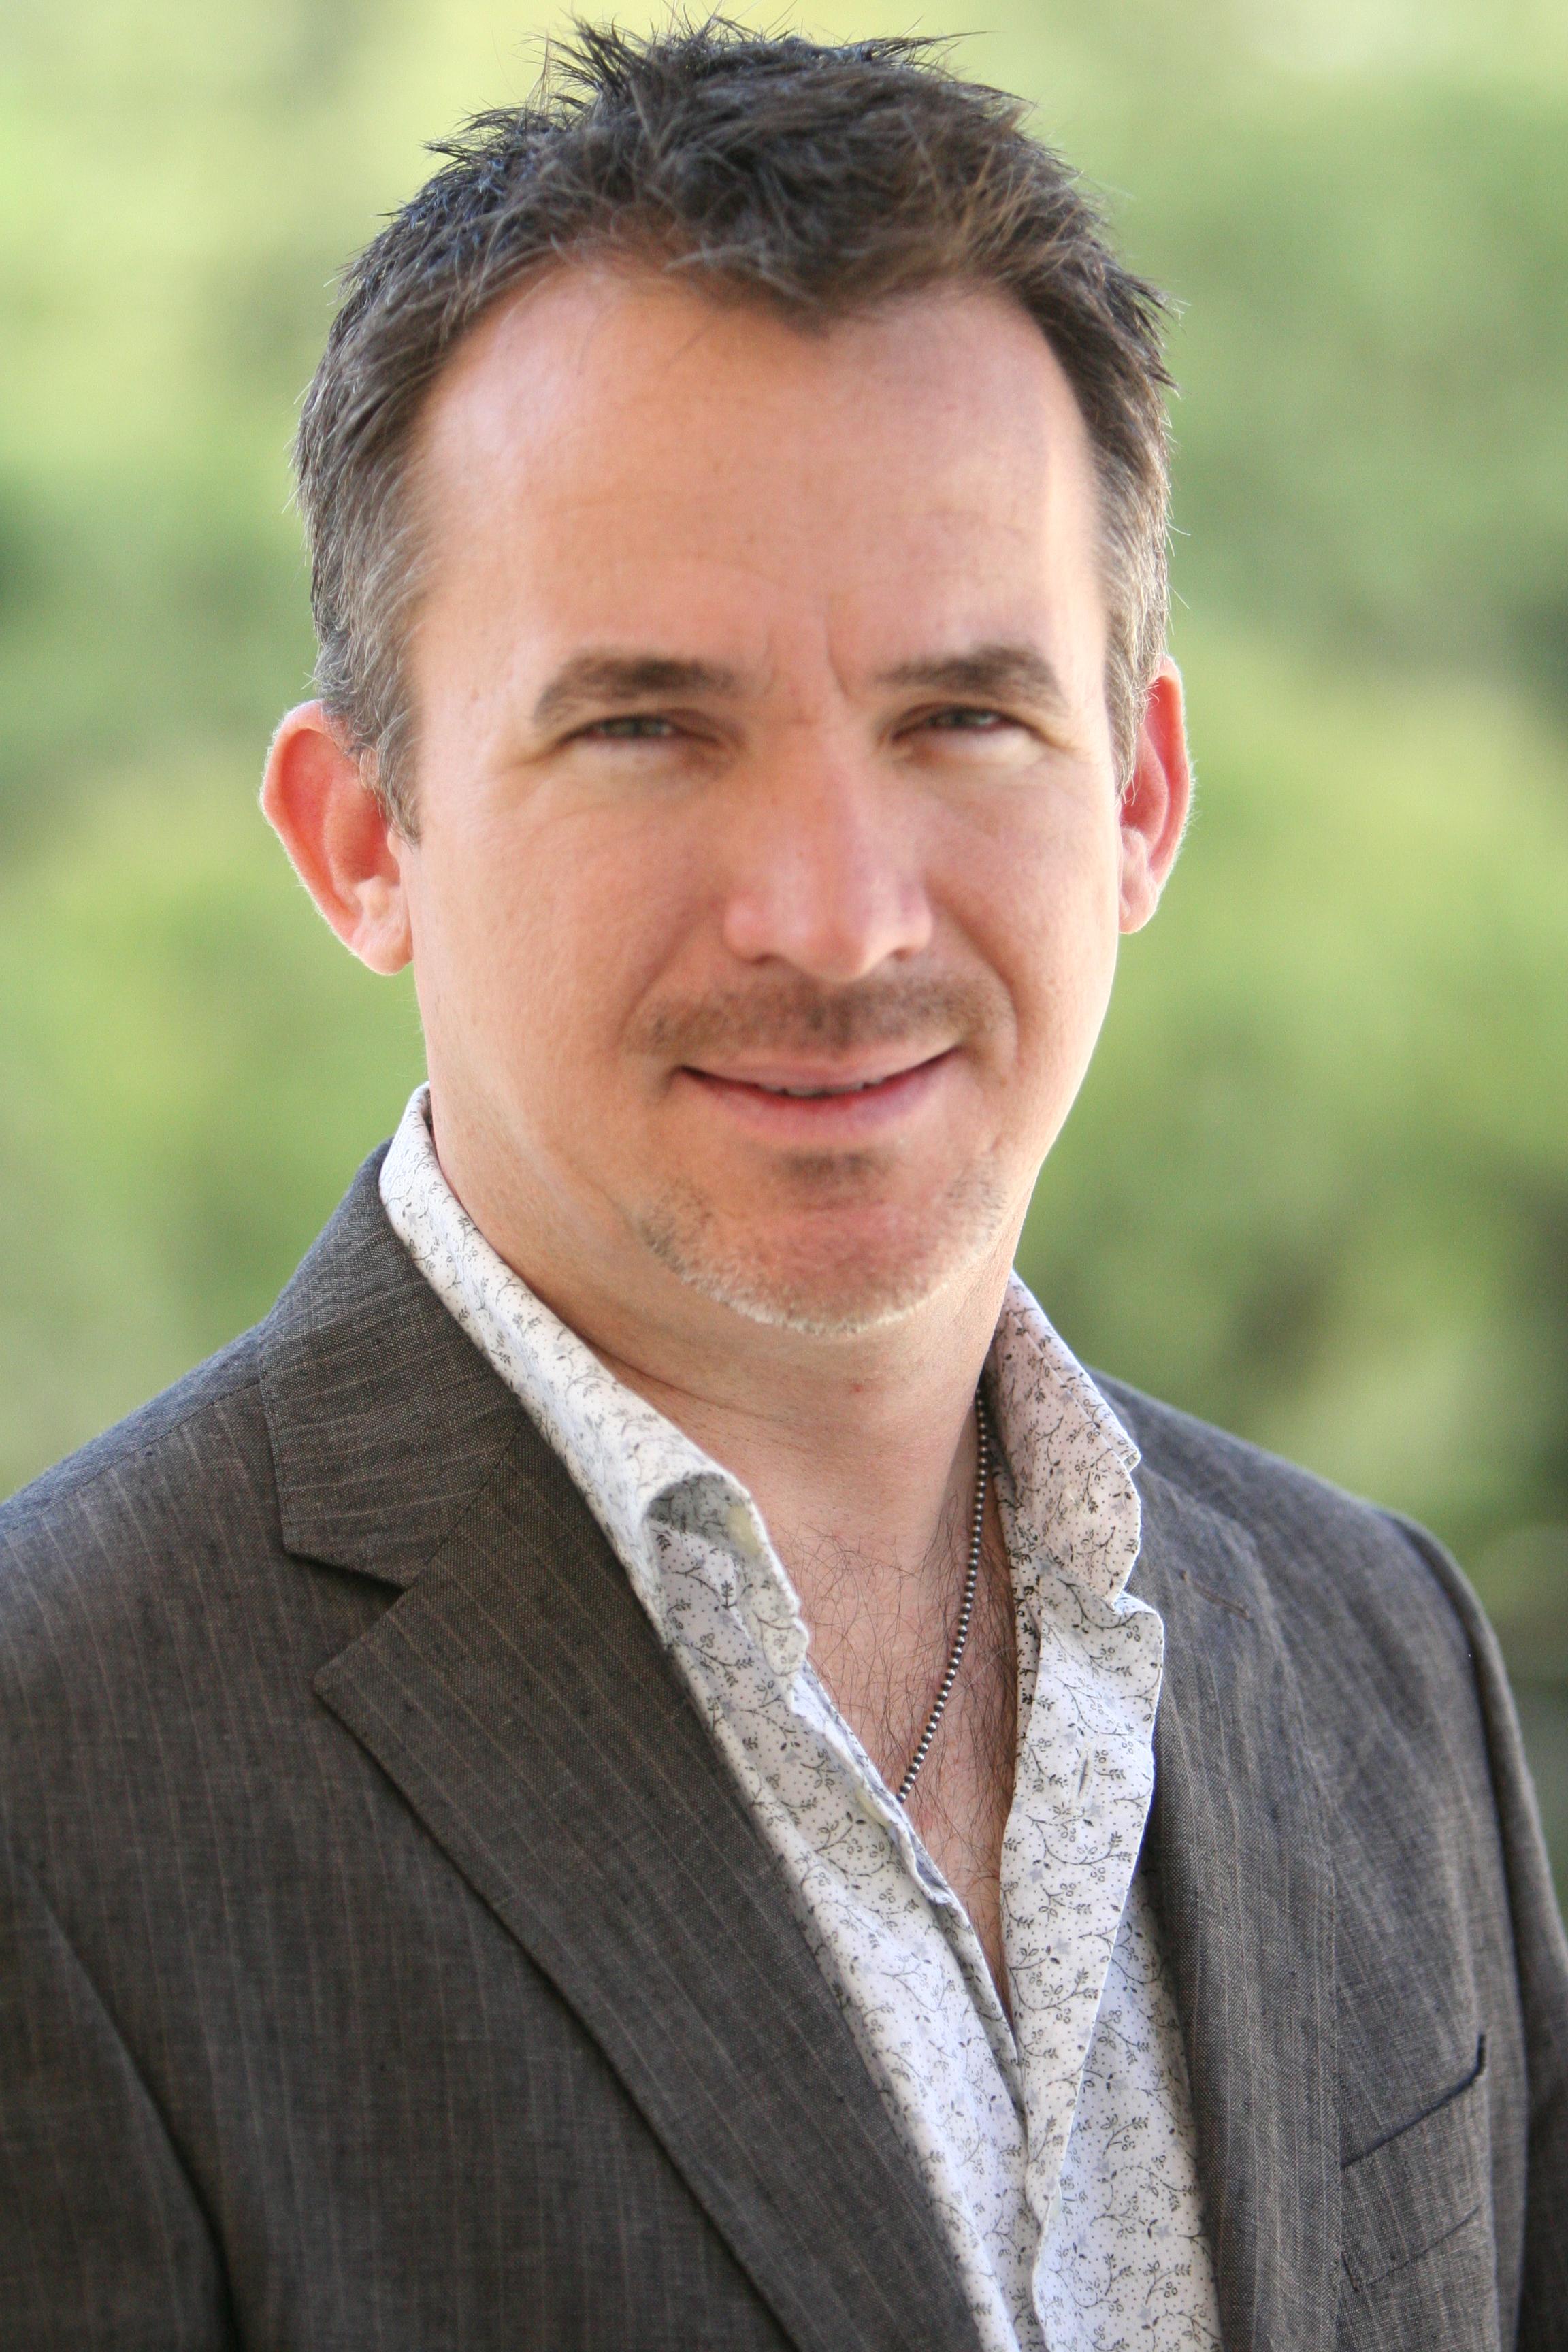 Prof Tom Boellstorff